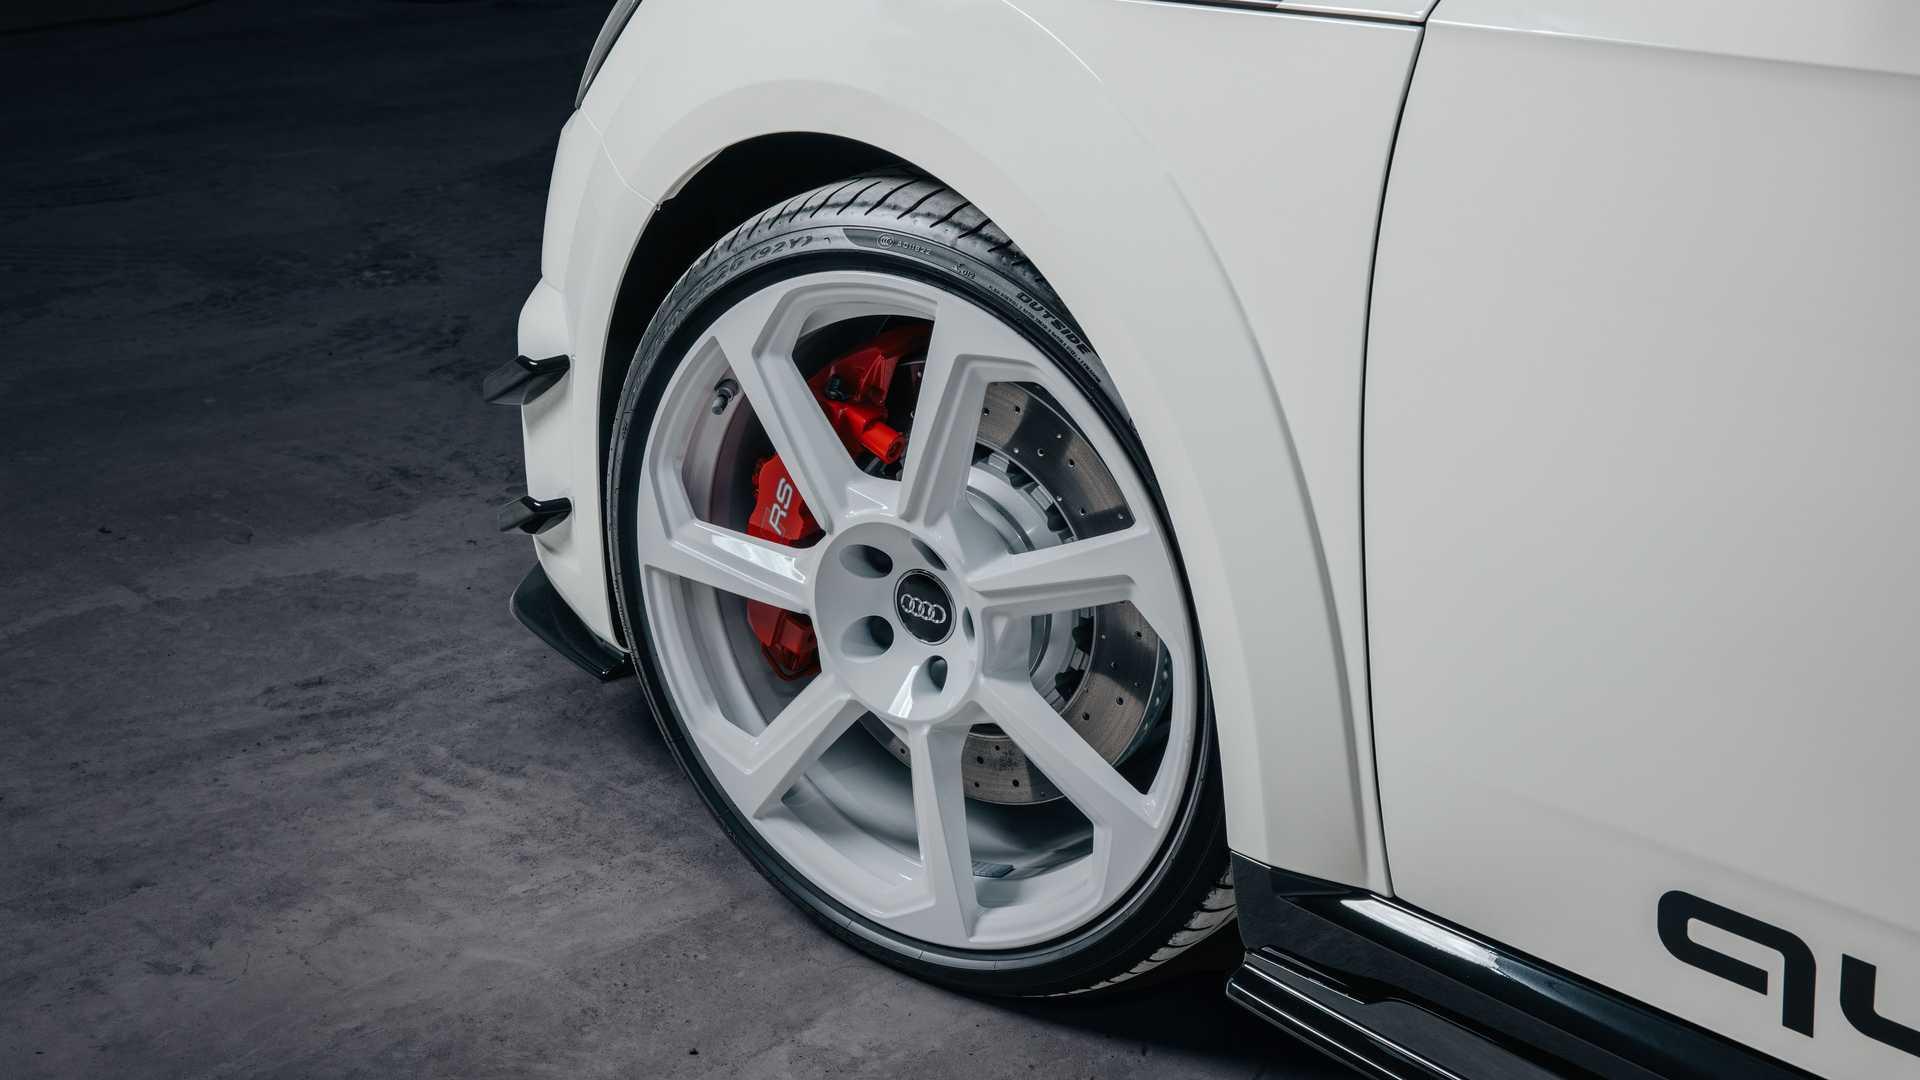 Audi_TT_RS_40_Years_Of_Quattro_0005